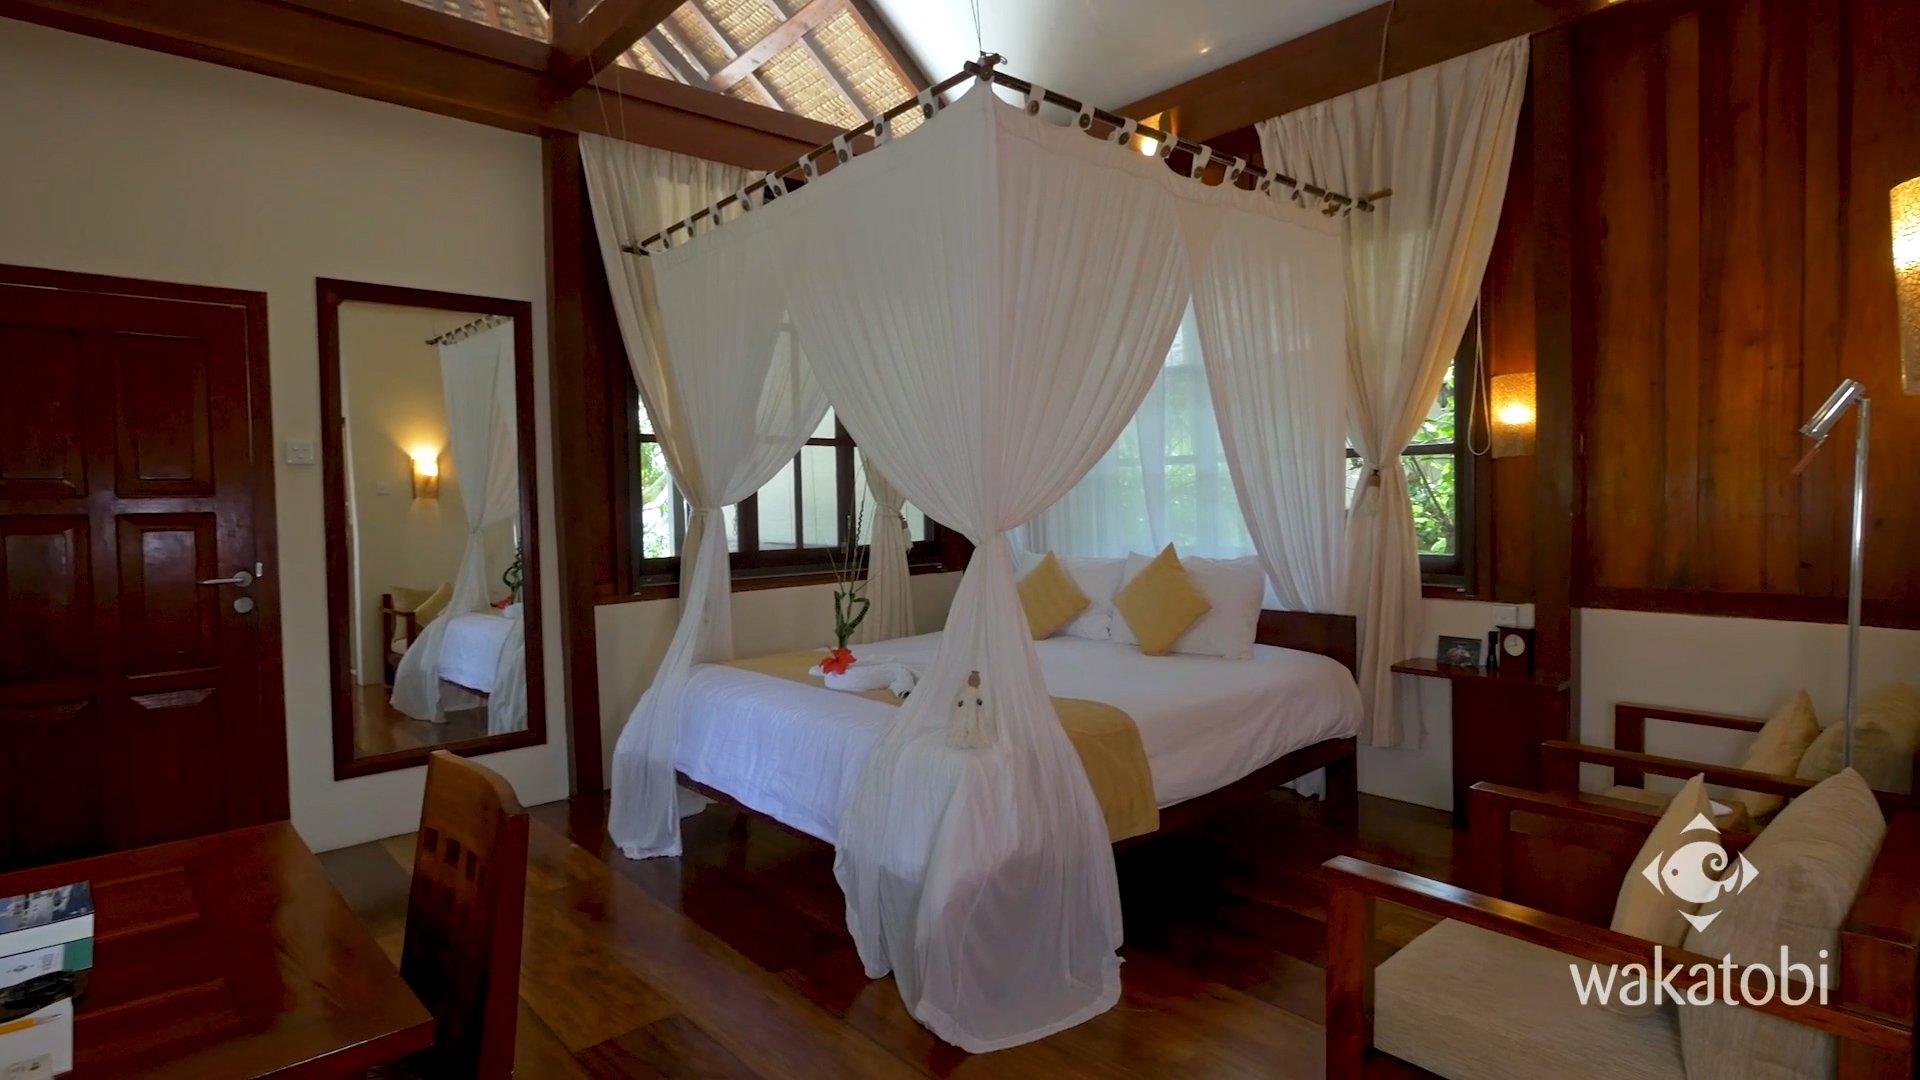 Wakatobi Resort's rooms